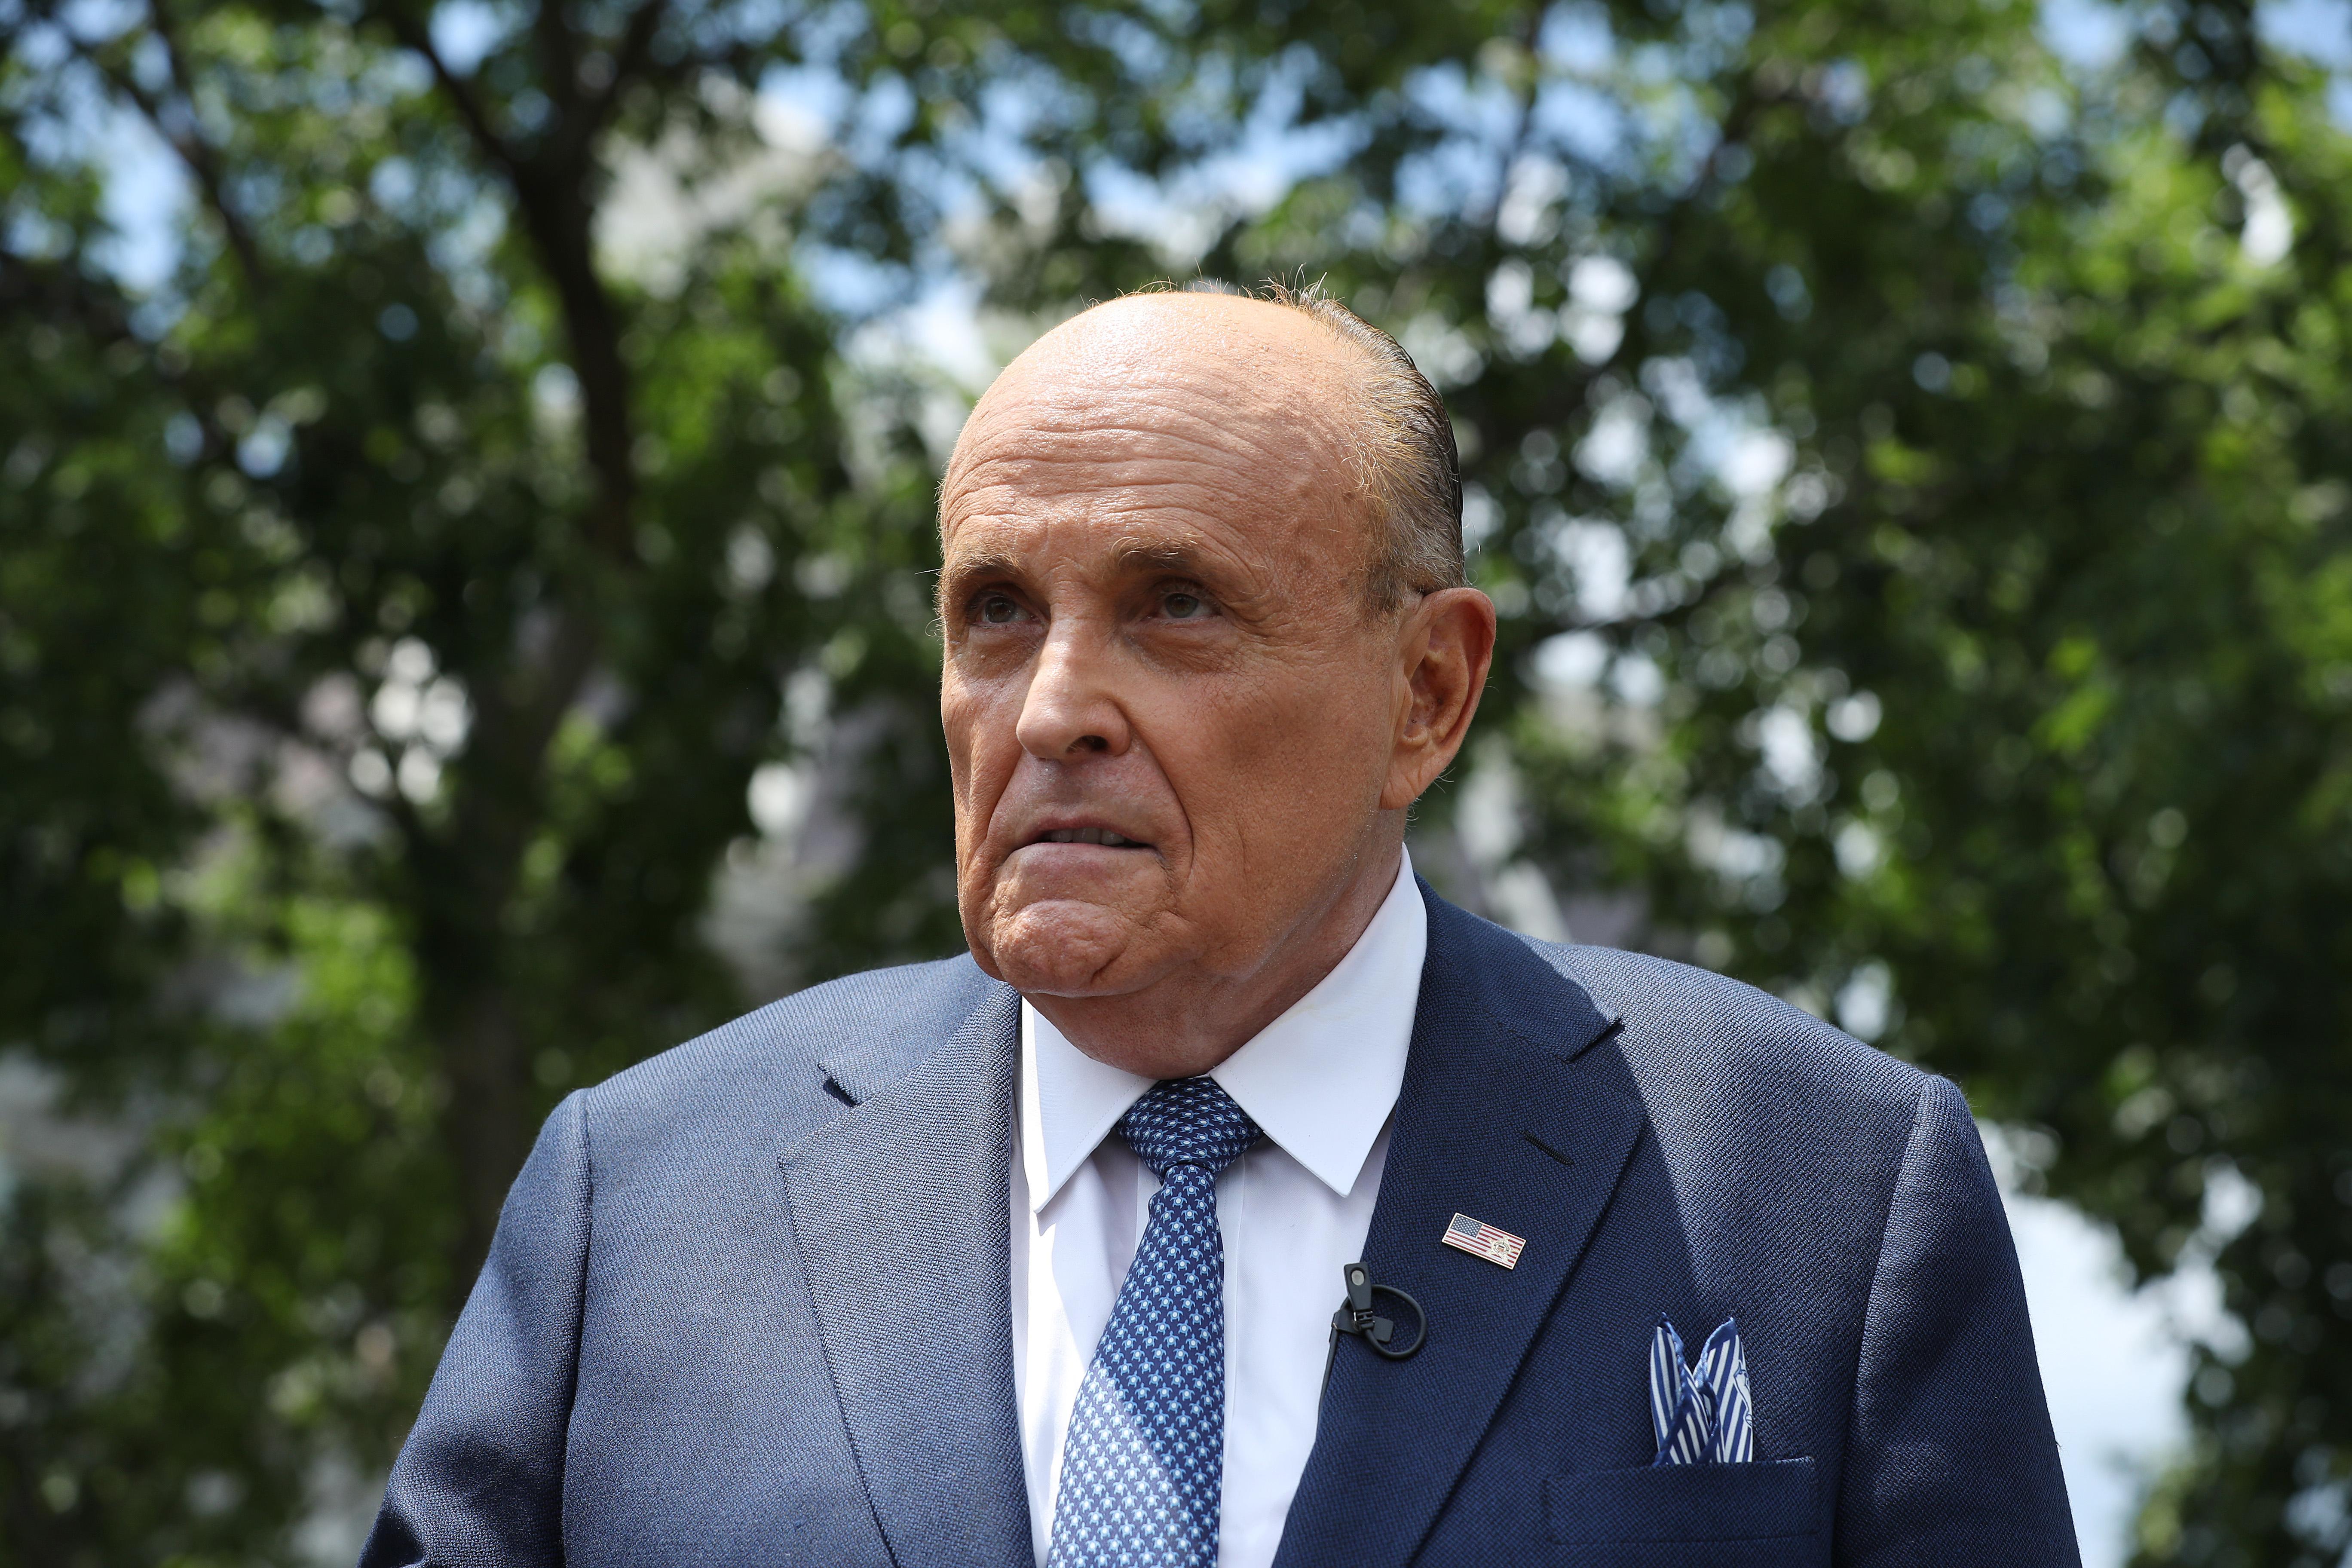 特朗普總統的私人律師魯迪・朱利安尼(Rudy Giuliani)10月7日表示,中共刻意保持邊界開放,讓病毒危害世界,這種刻意瀆職的行徑,形同「戰爭行為」。(Chip Somodevilla/Getty Images)